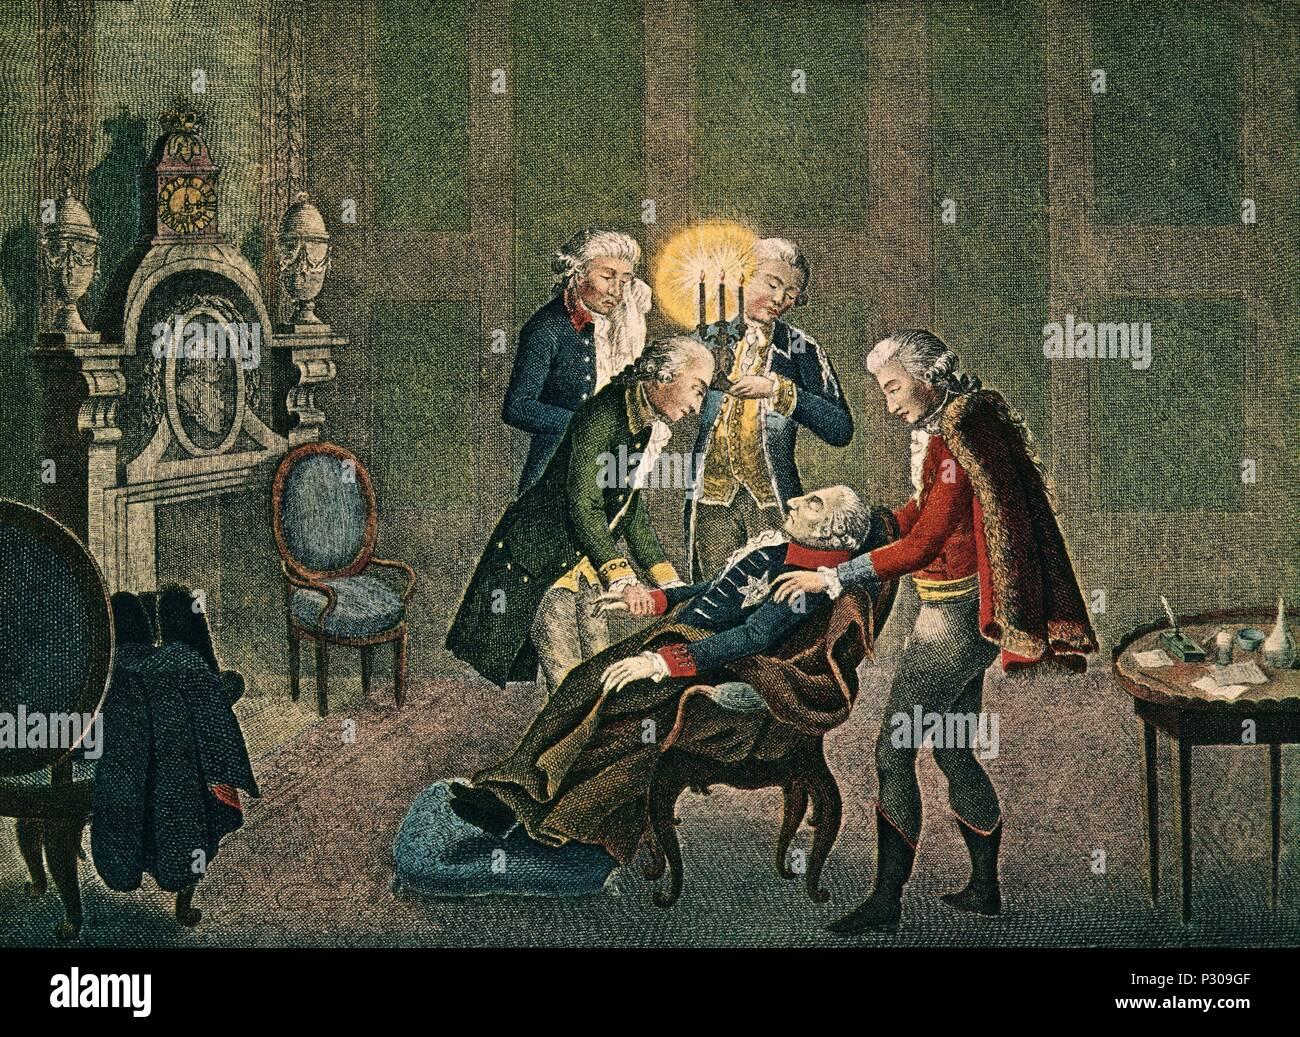 GRABADO - MUERTE DE FEDERICO II EL GRANDE REY PRUSIA EL 17 DE AGOSTO DE 1786. Author: MAAS P. Location: ARCHIVO, BERLIN, GERMANY. - Stock Image